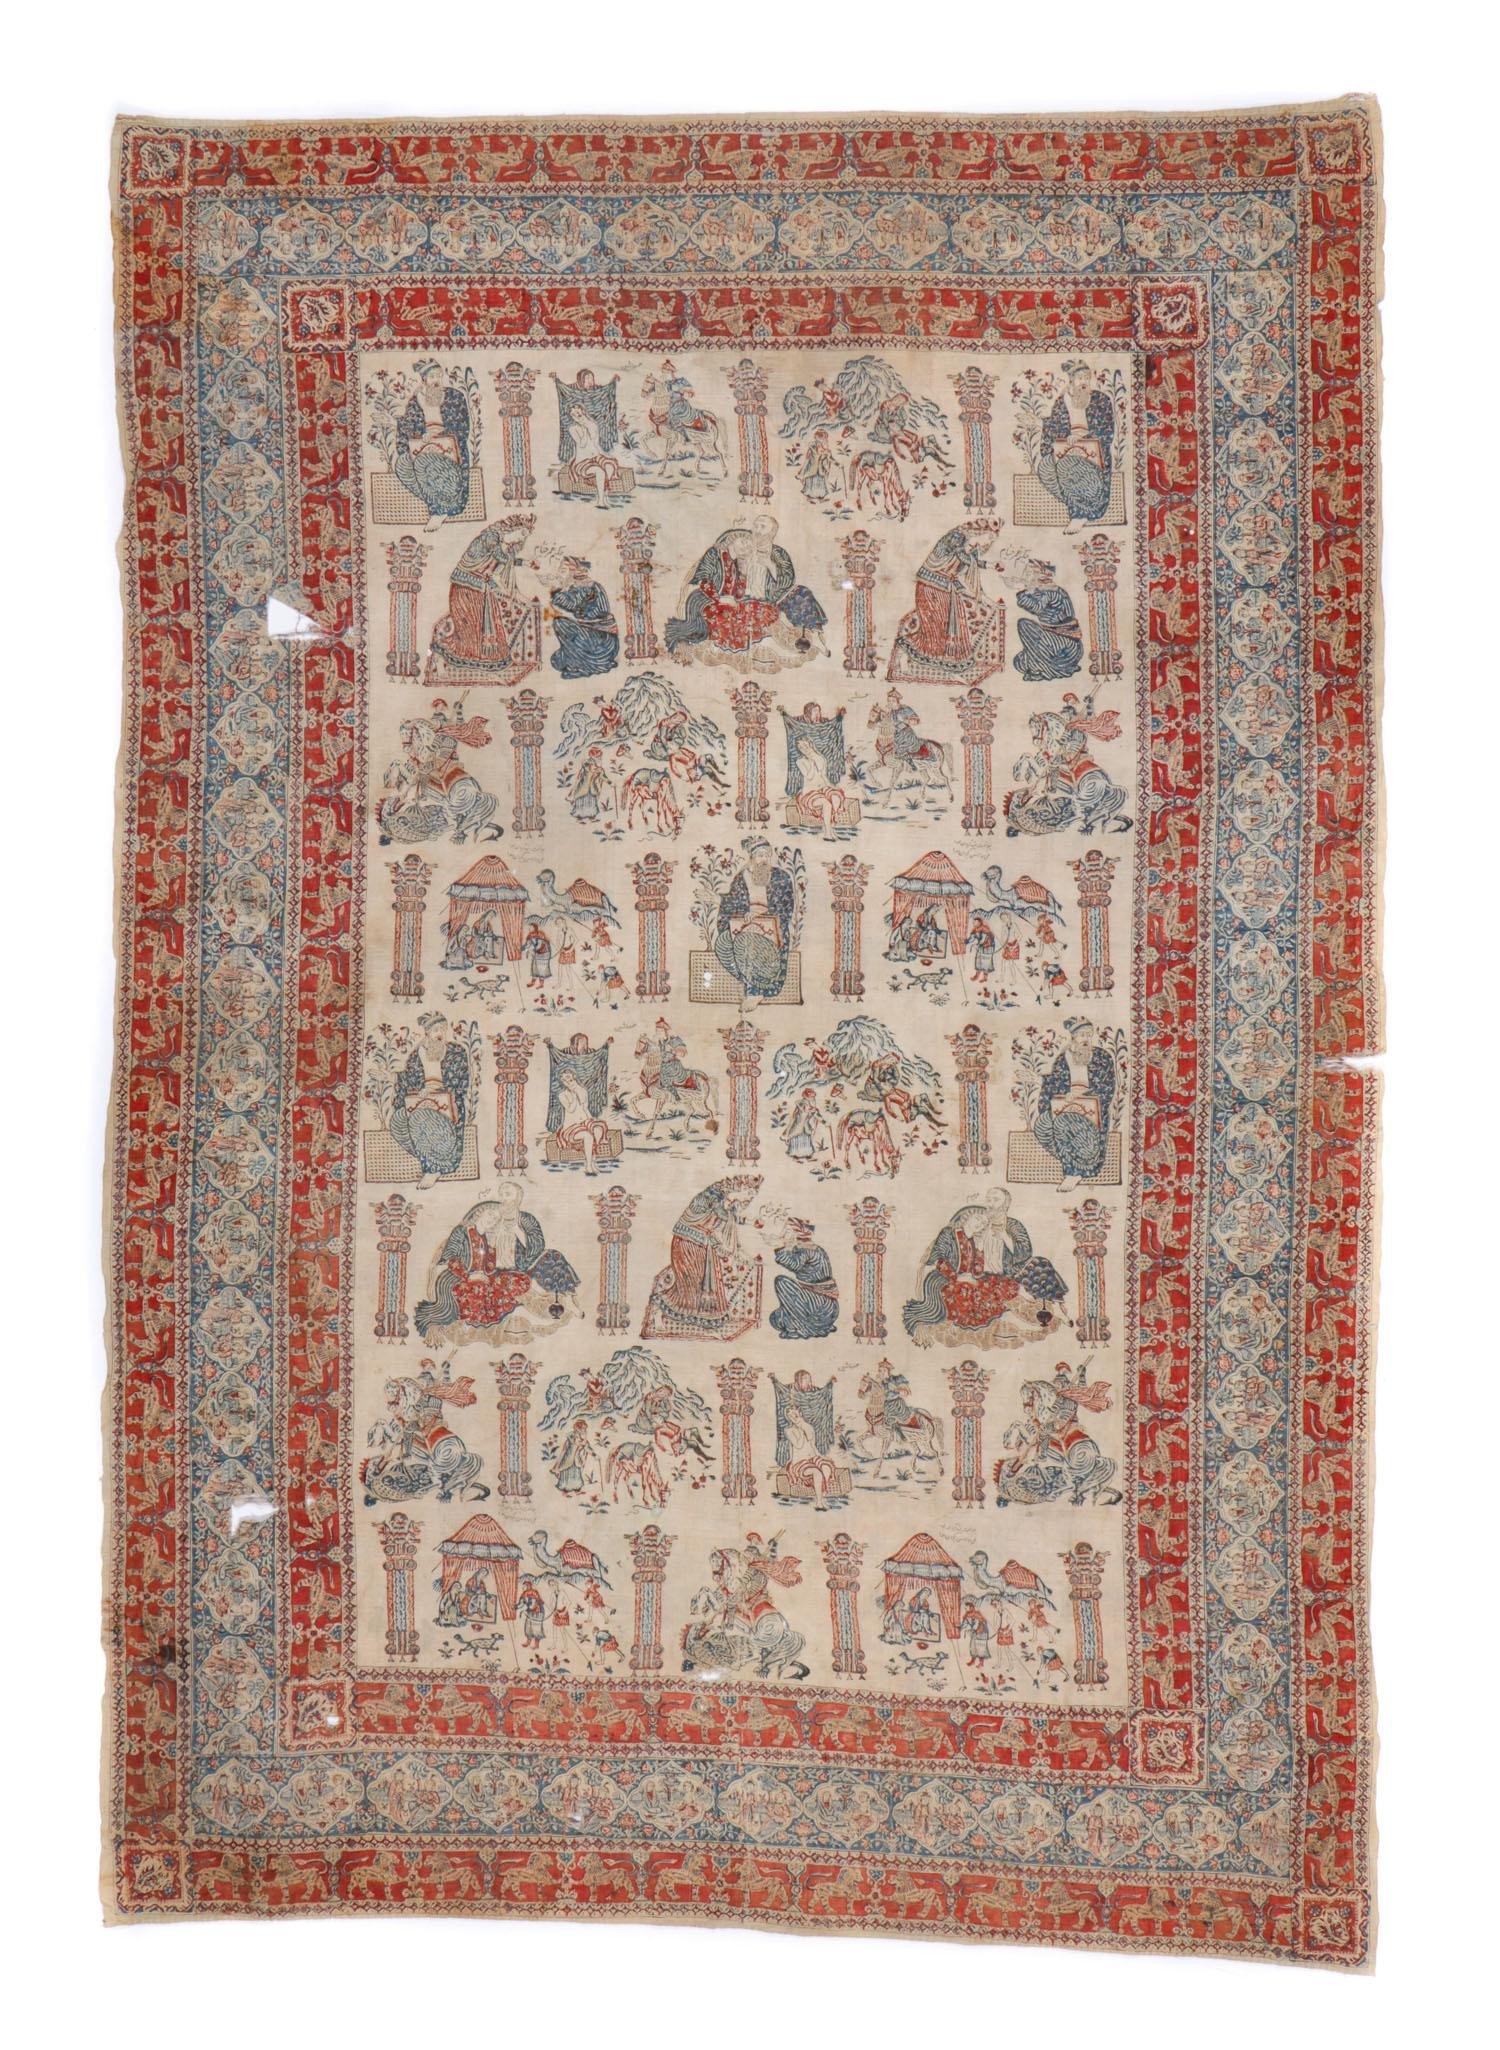 Antique Persian Isfahan Block Print Textile